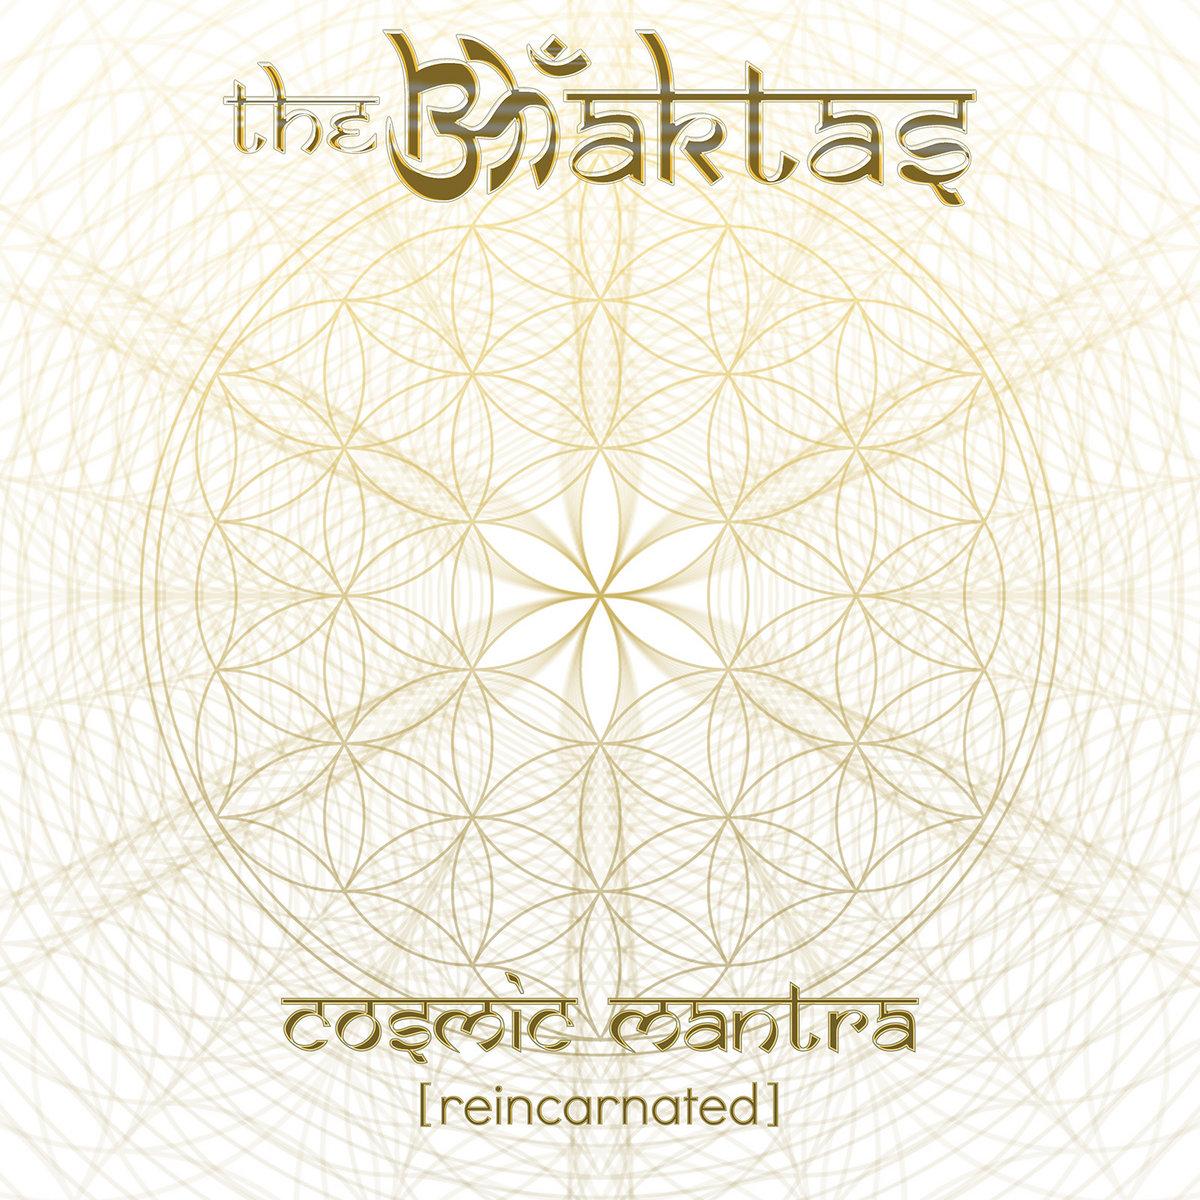 Cosmic Mantra [Reincarnated] | The Bhaktas